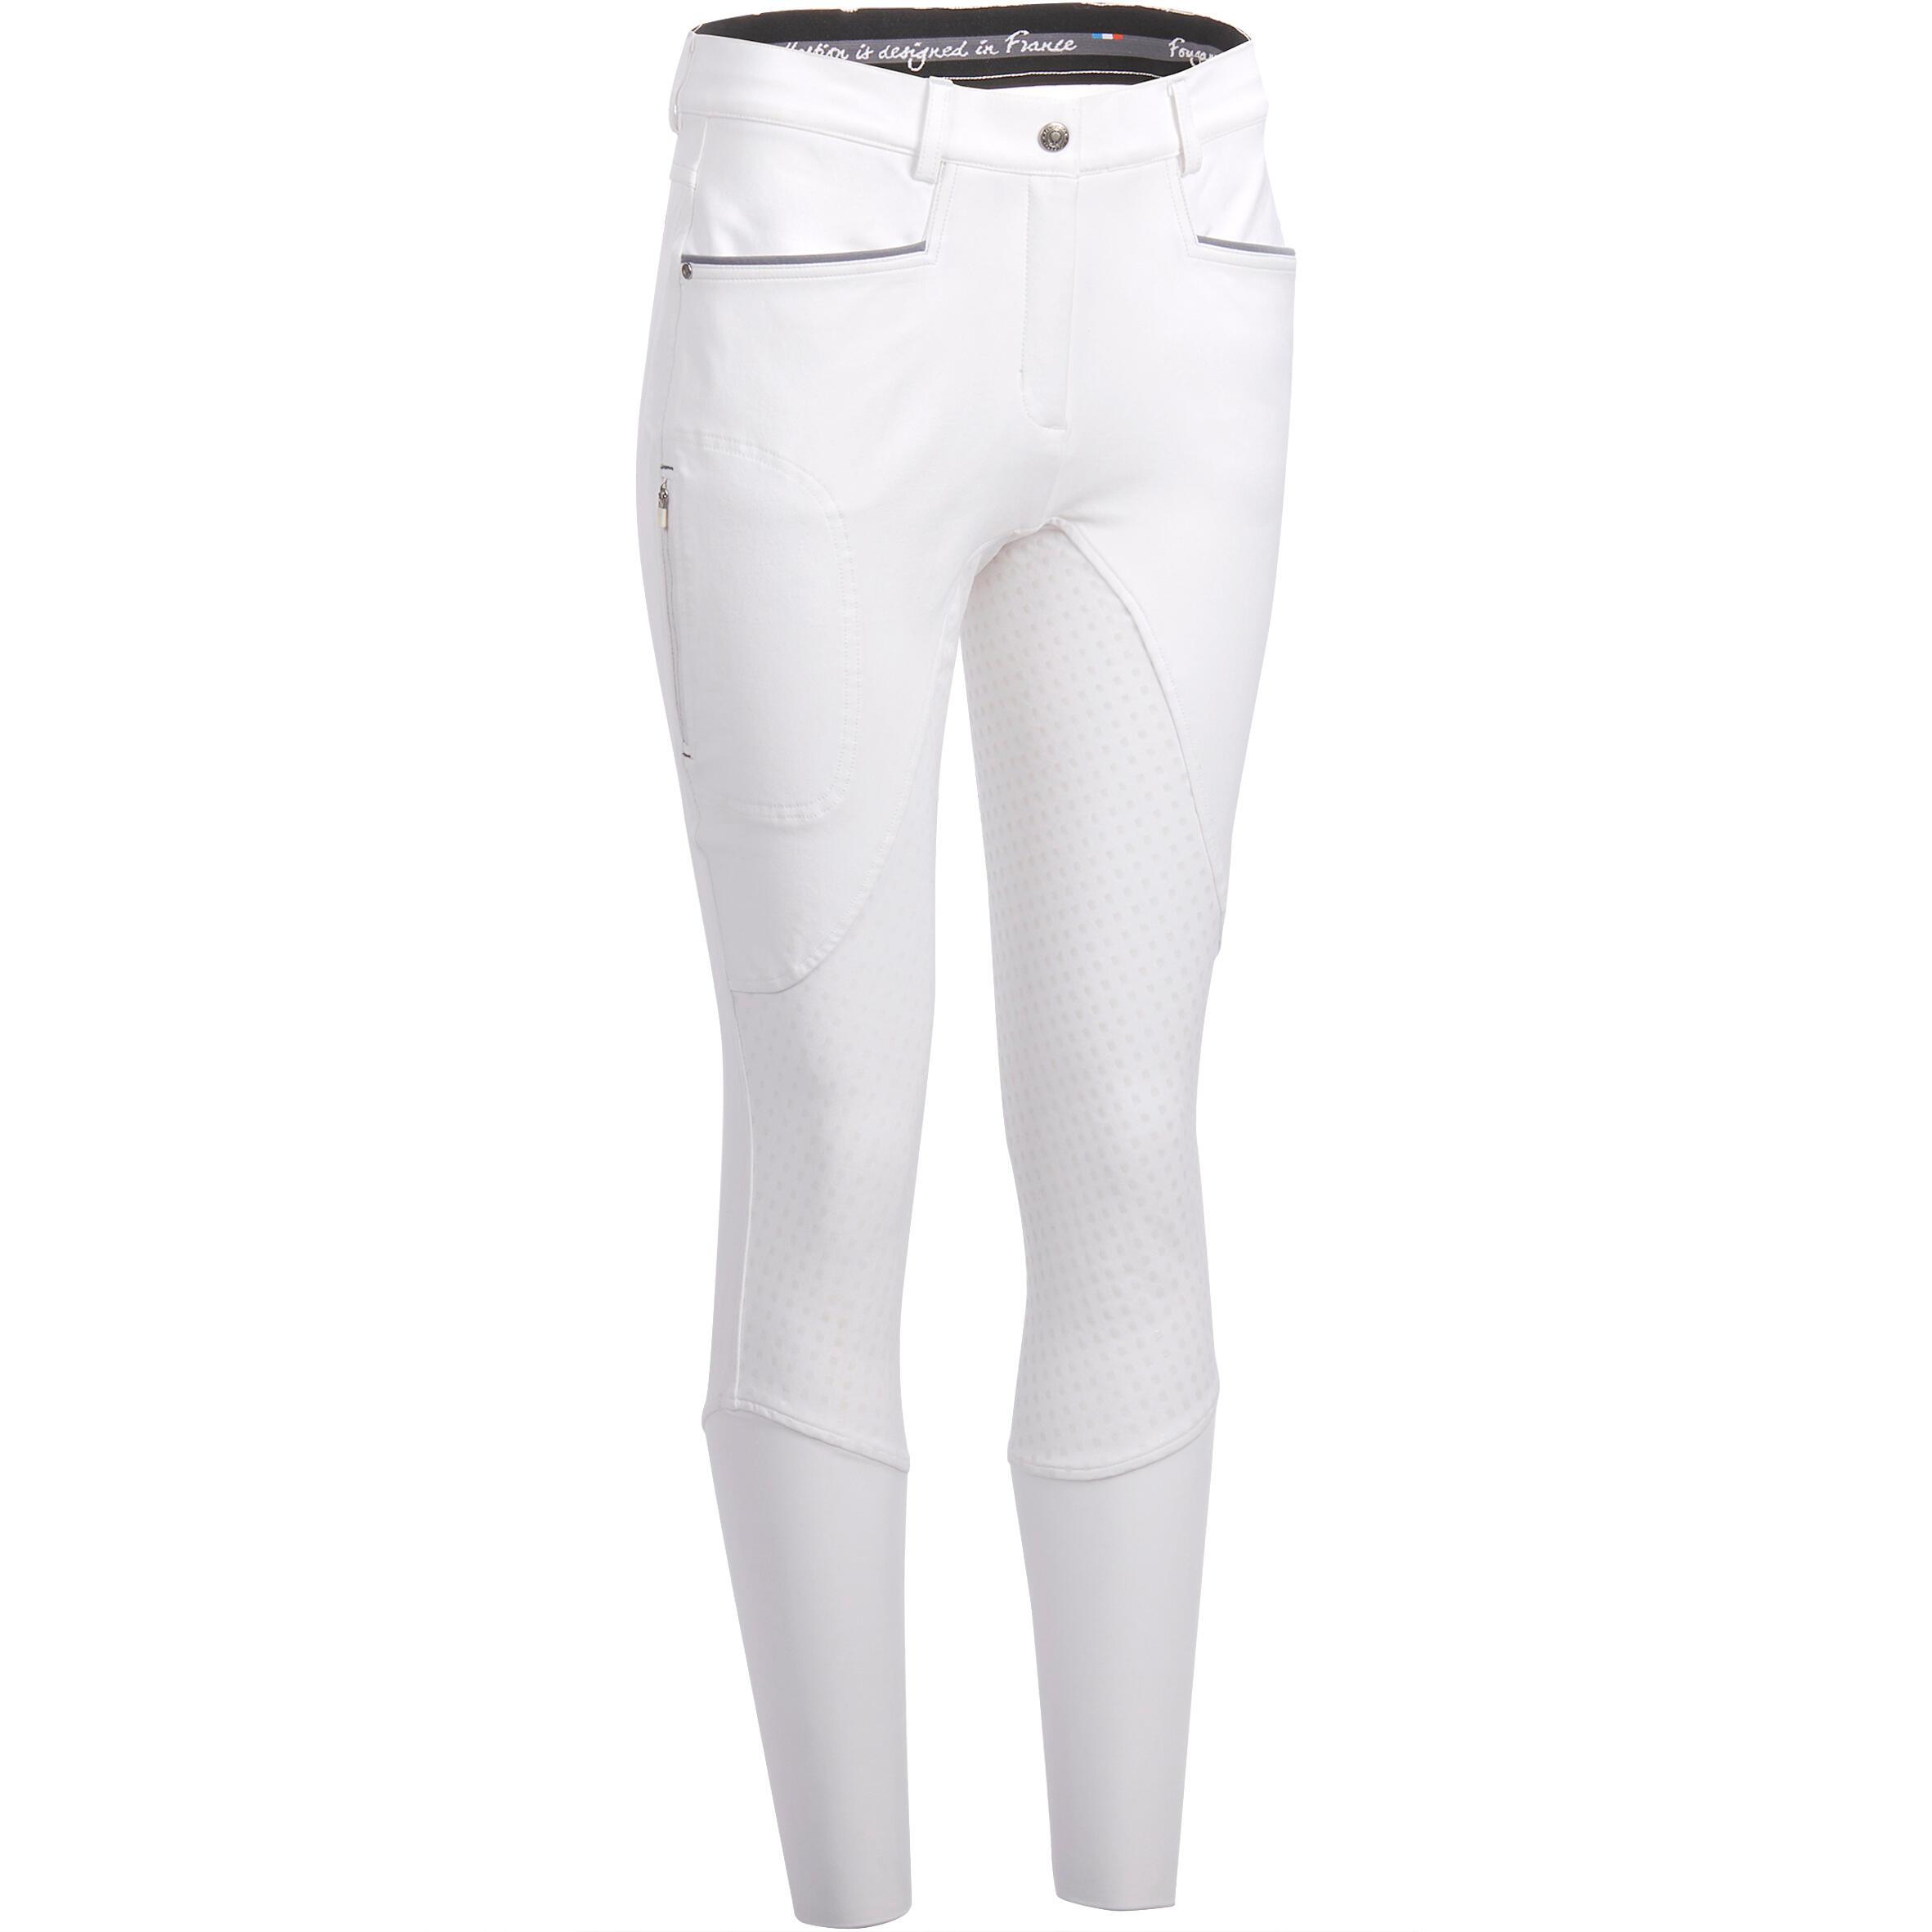 Pantalon 580 FULLGRIP Alb